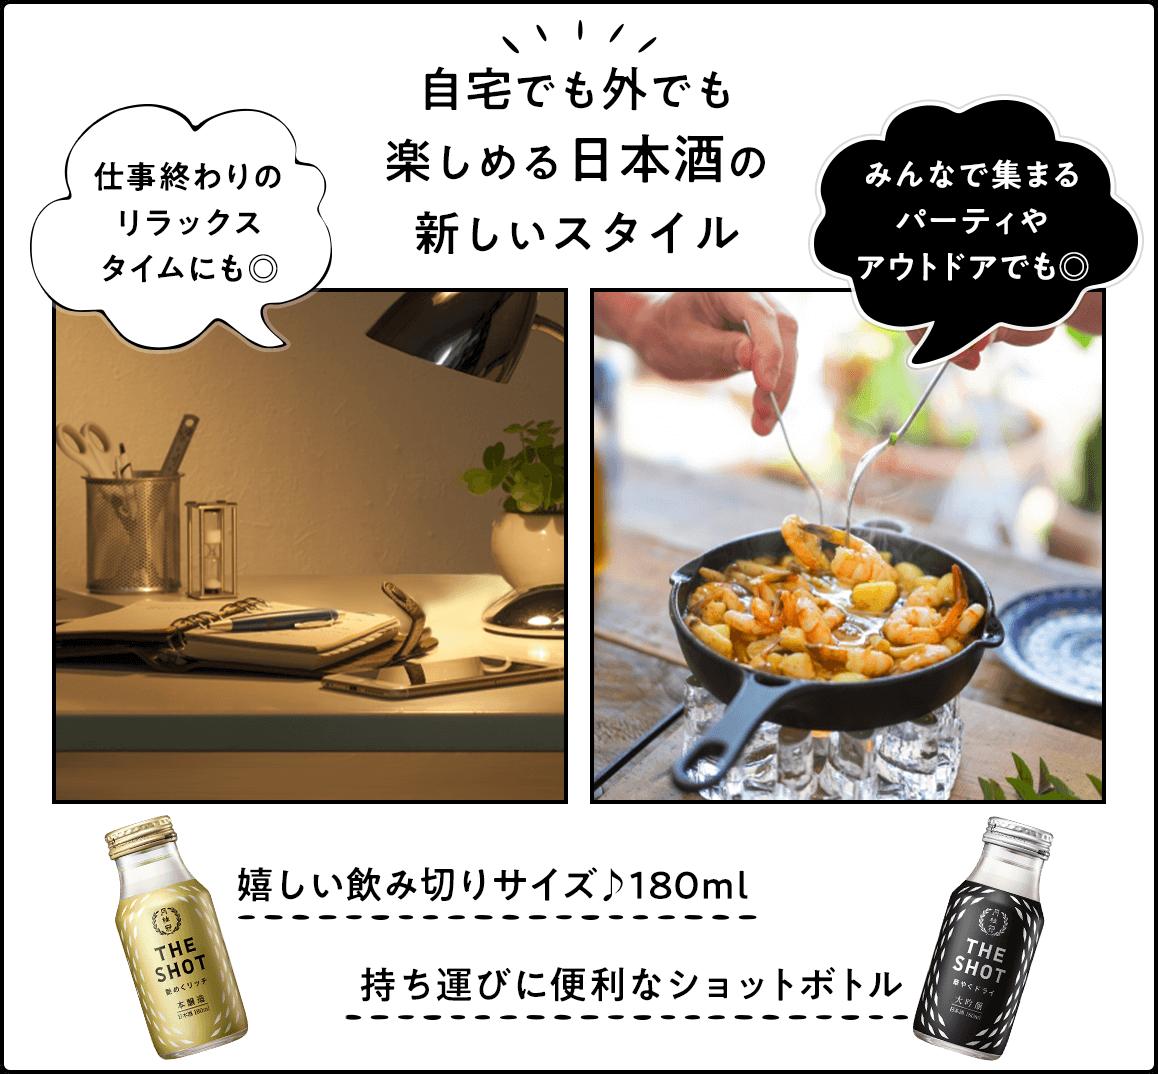 自宅でも外でも 楽しめる日本酒の 新しいスタイル  嬉しい飲み切りサイズ♪180ml 持ち運びに便利なショットボトル